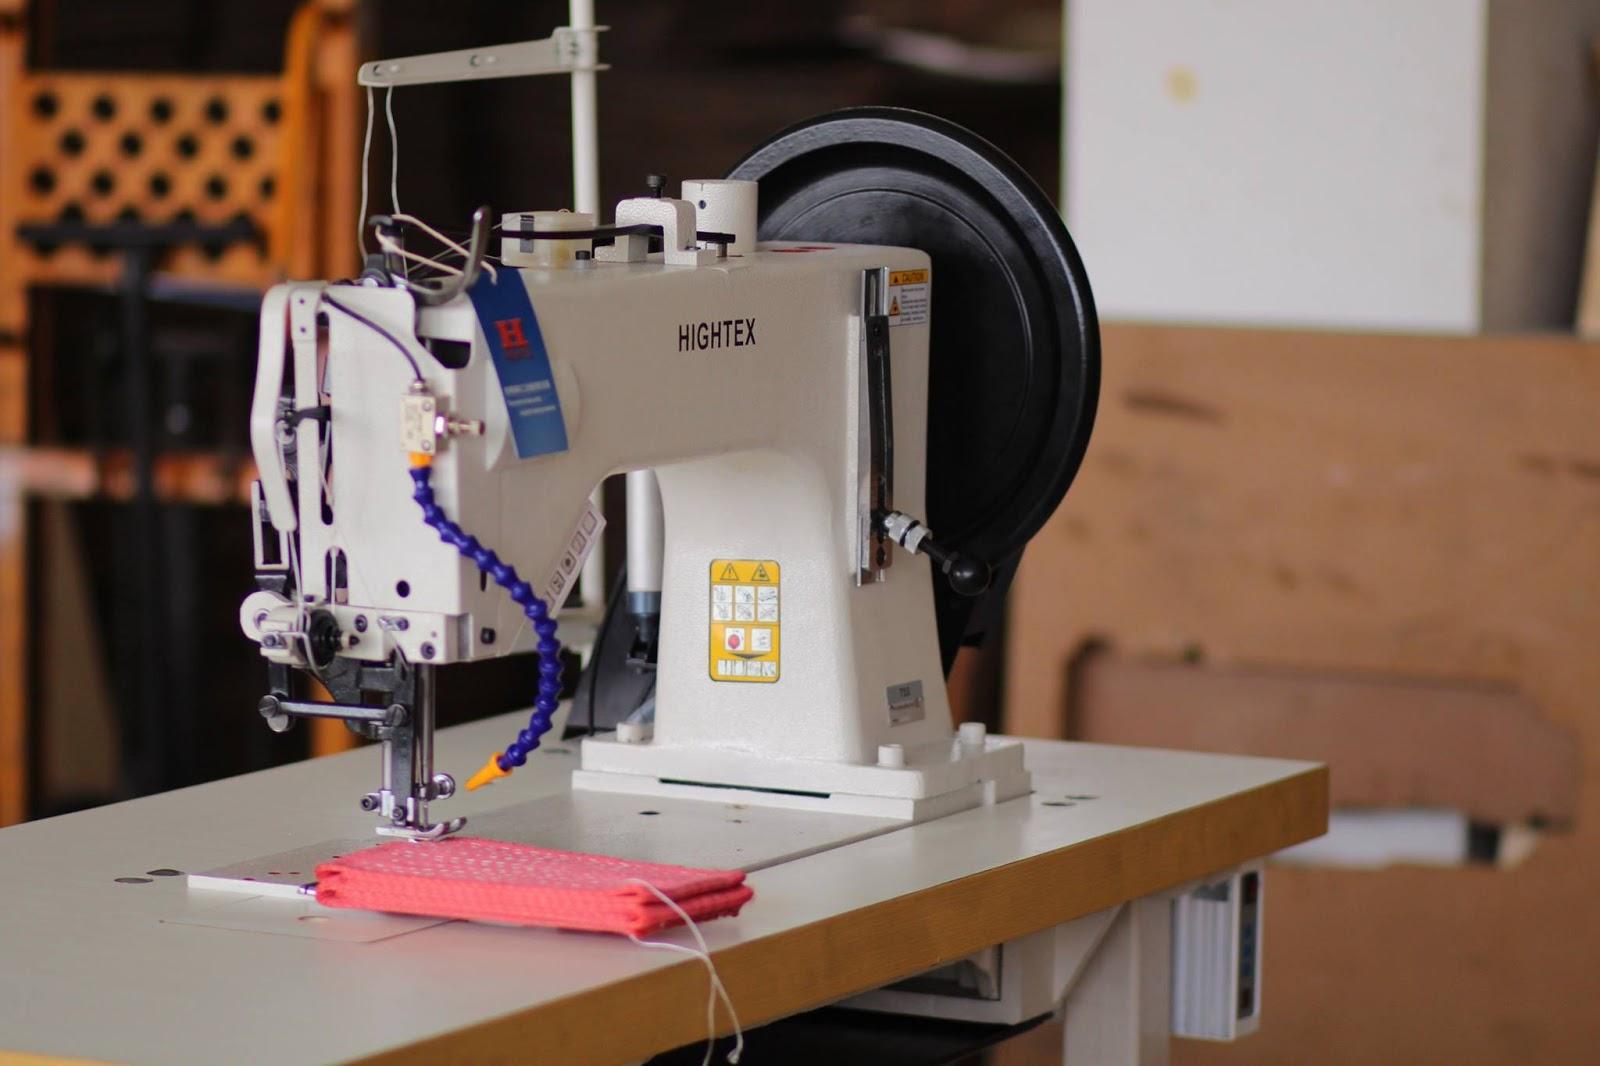 Macchina per cucire per assembla sistemi di sollevamento e for Macchina da cucire economica